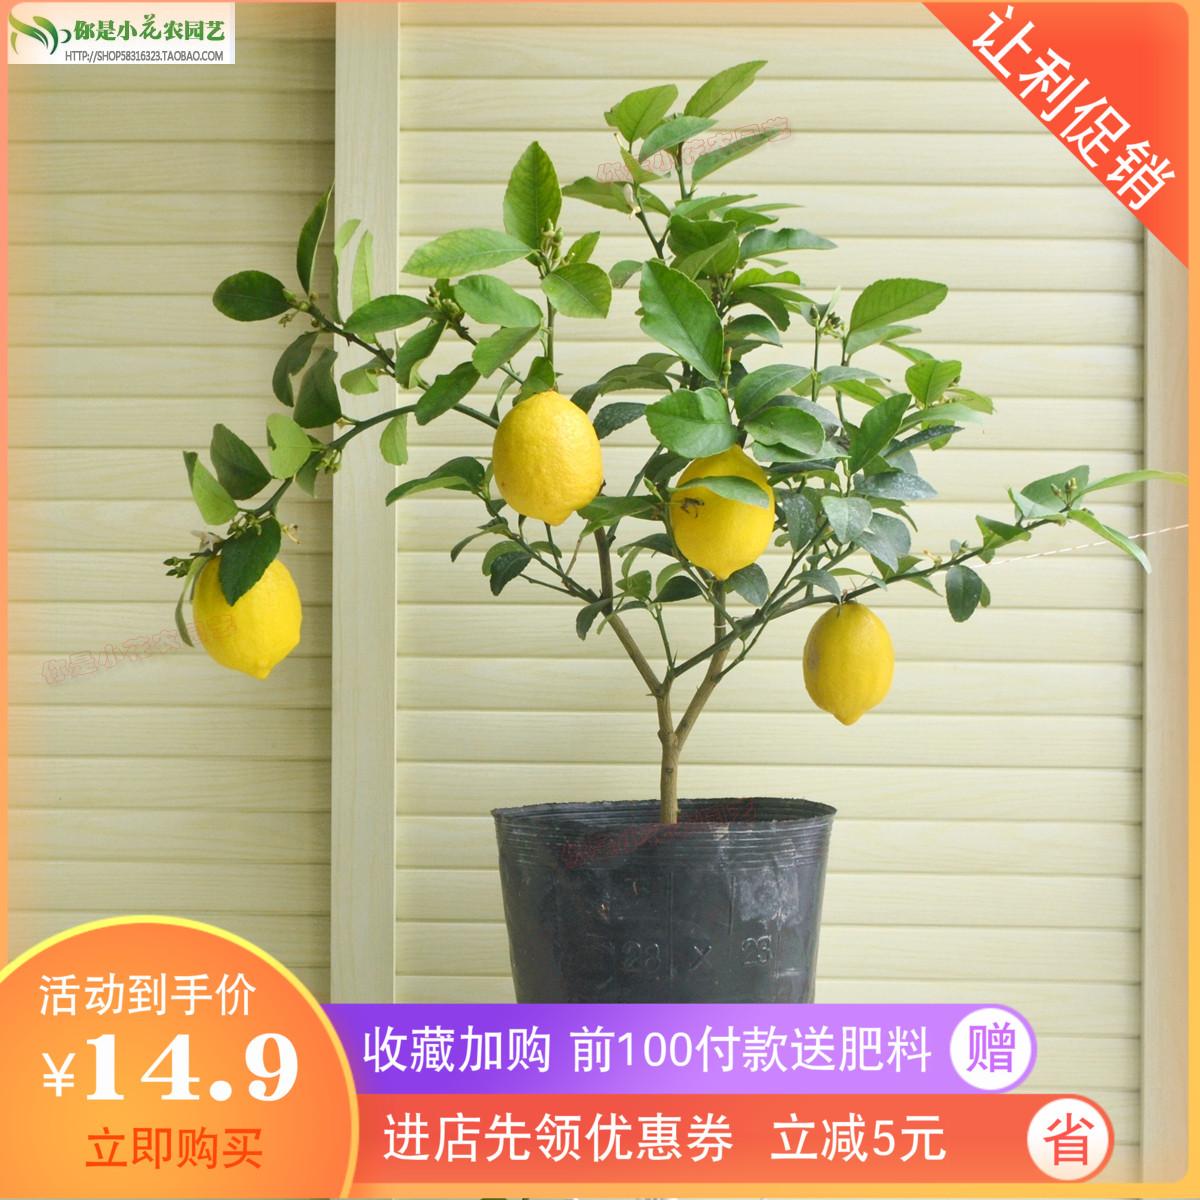 柠檬树果树苗香水柠檬绿植盆栽植物四季开花结果尤力克柠檬果树苗